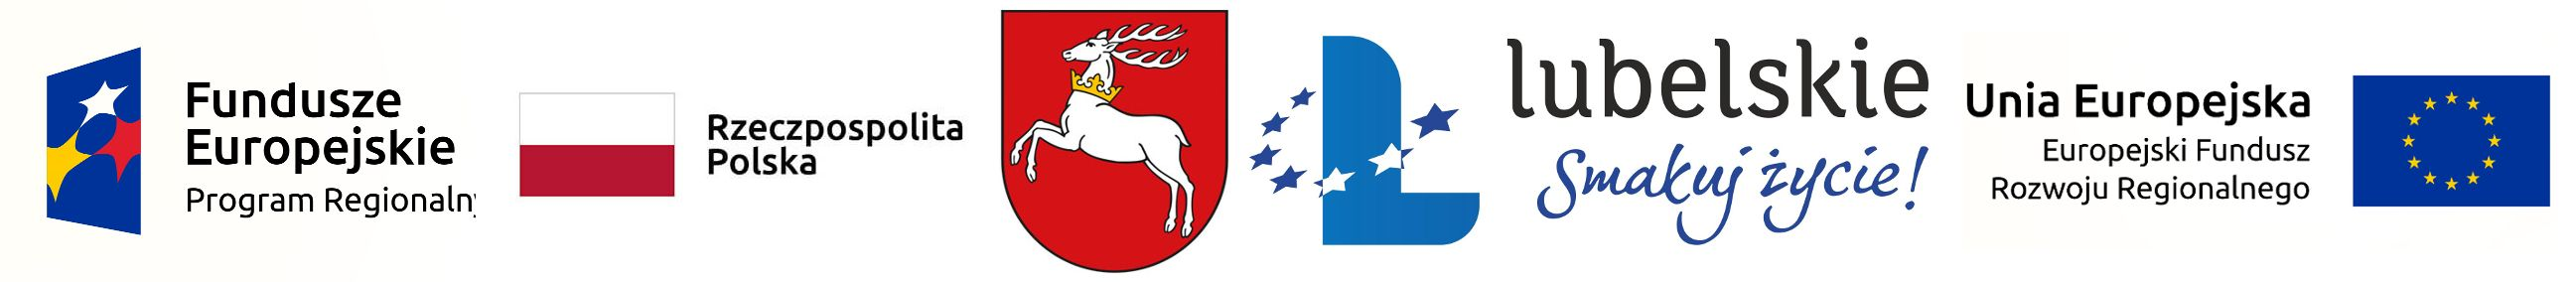 Loga Europejski Fundusz Rozwoju Regionalnego, Rzeczpospolita Polska, Herb oraz logo Województwa Lubelskiego, Unii Europejskiej